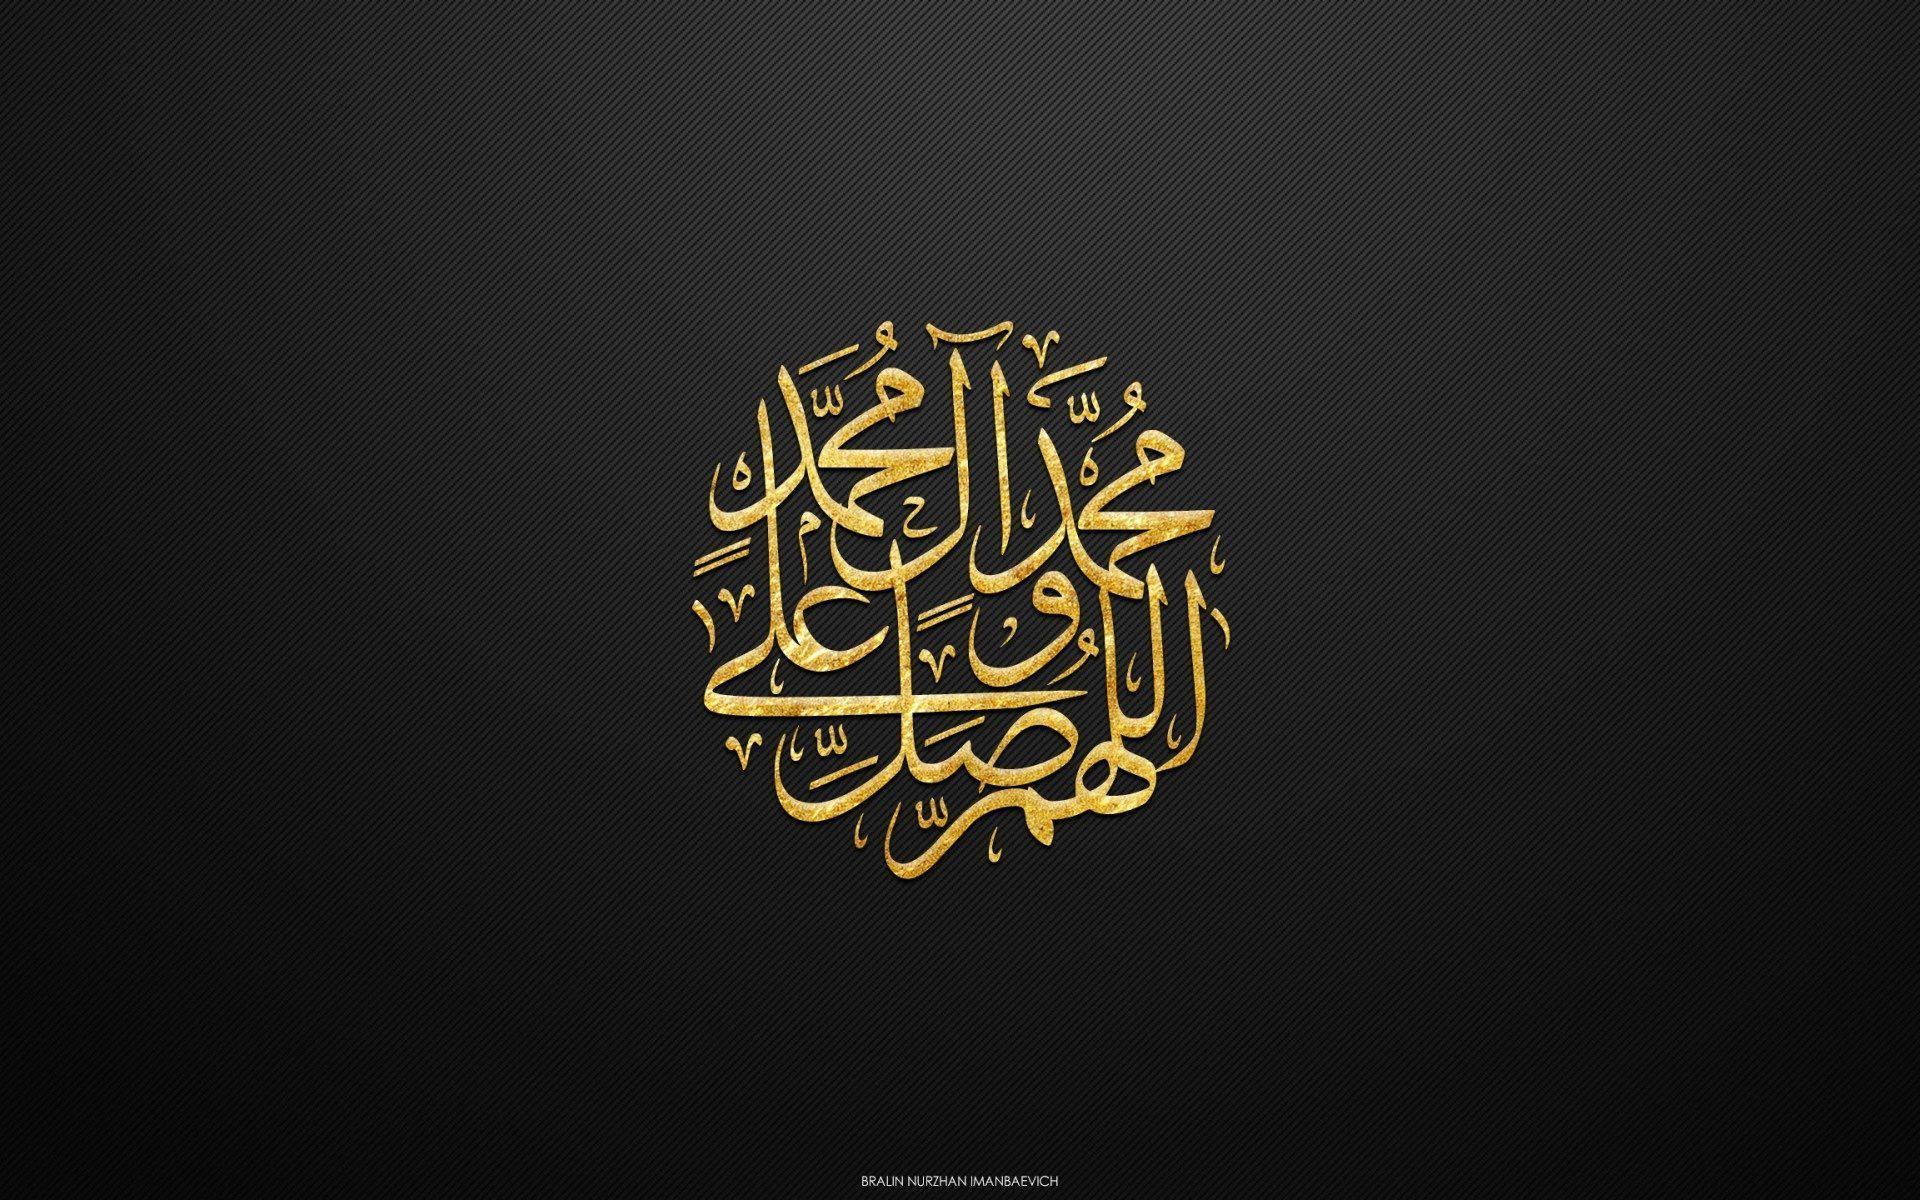 Ислам картинки на черном фоне